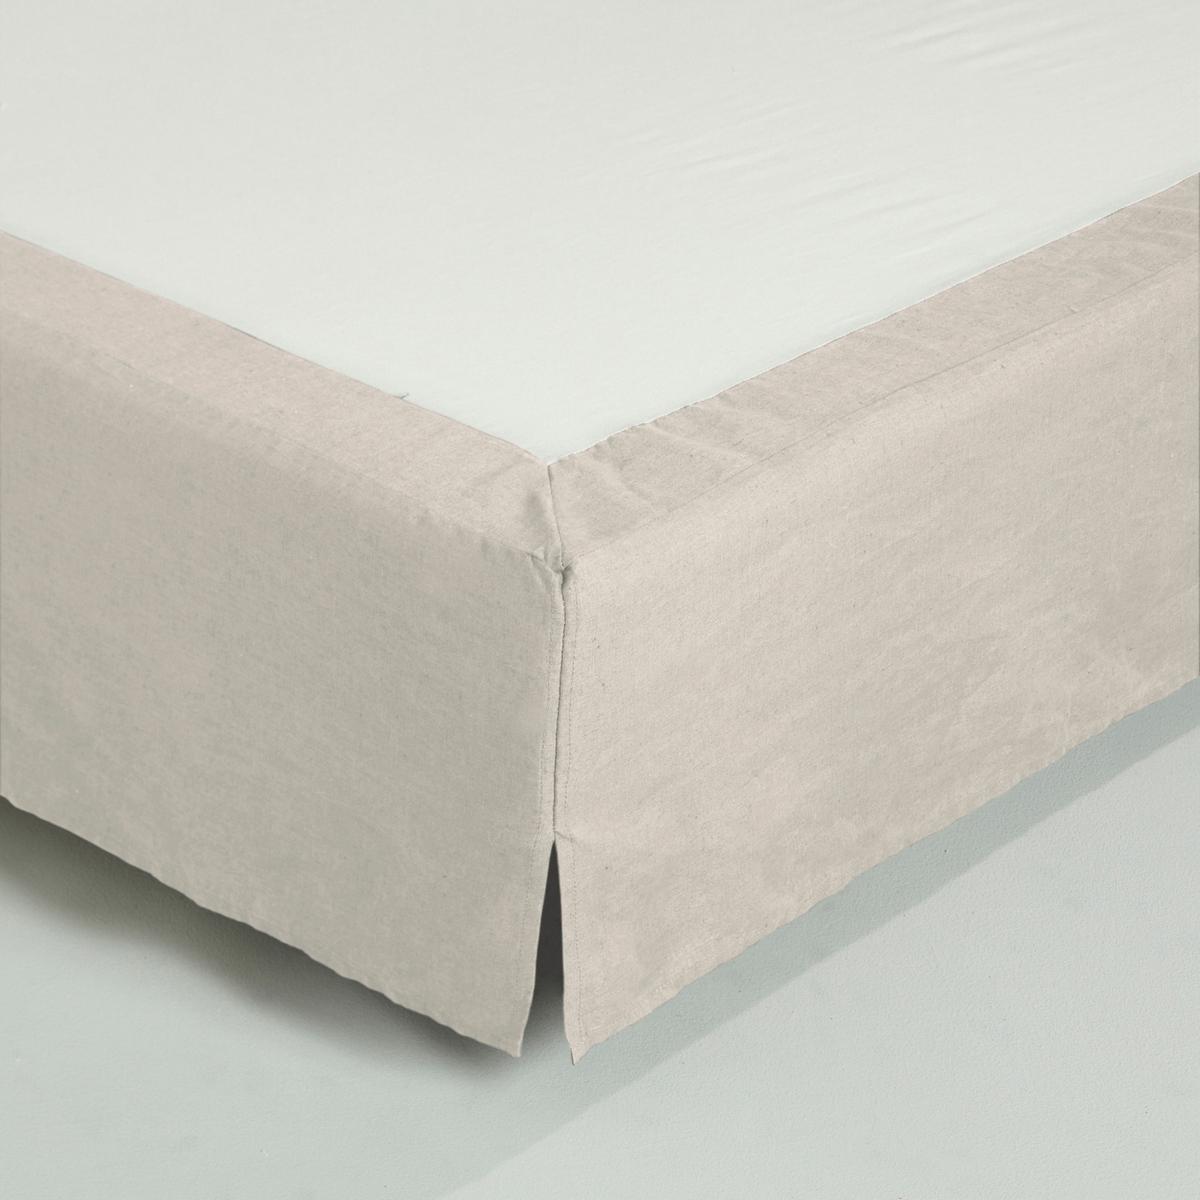 Чехол La Redoute Для кровати льна 180 x 200 см бежевый